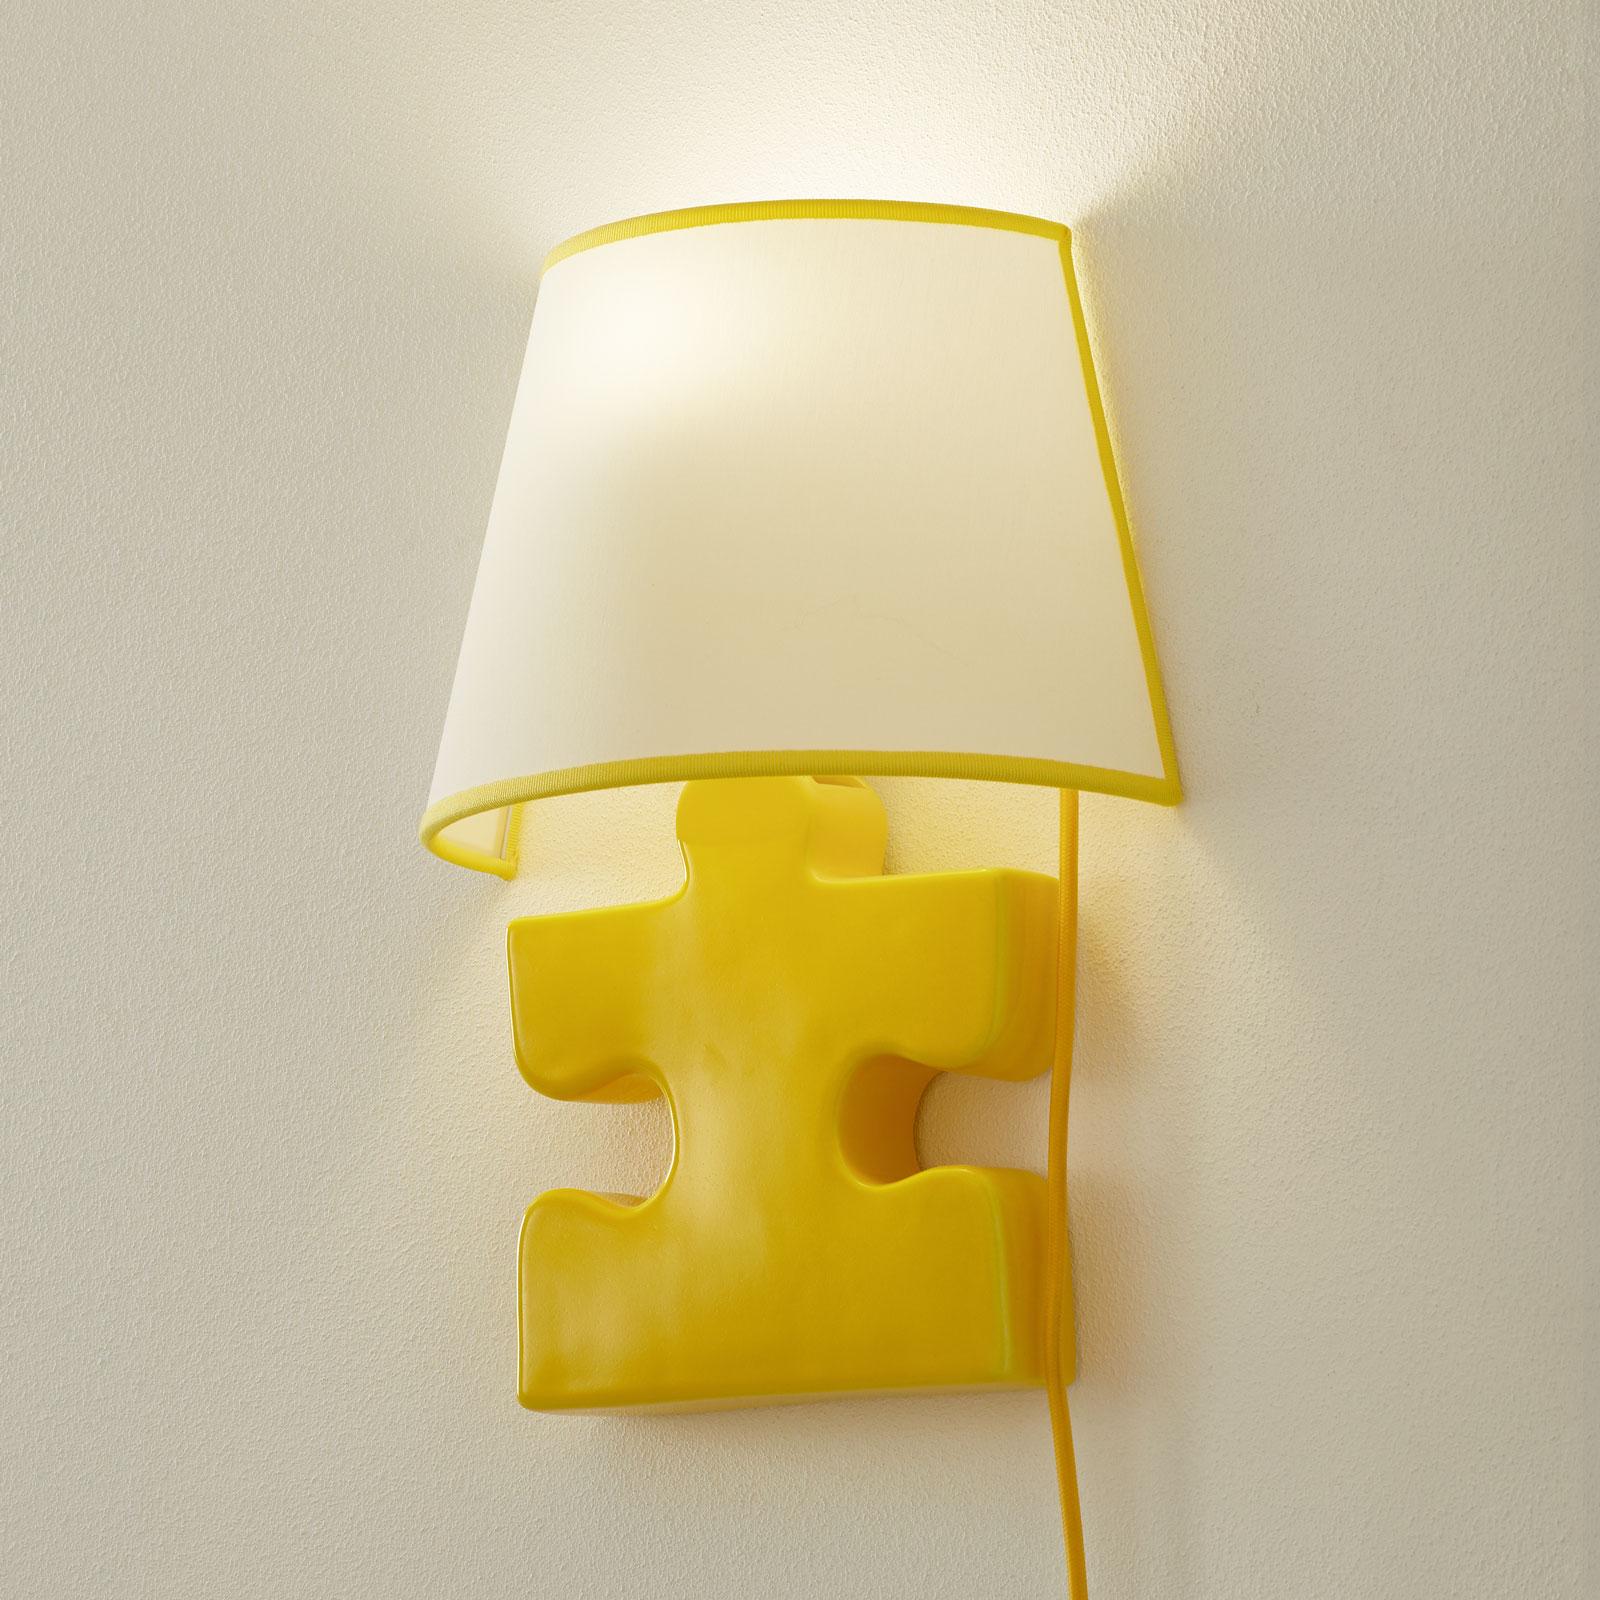 Keramik-Wandleuchte A185 mit Stoffschirm, gelb